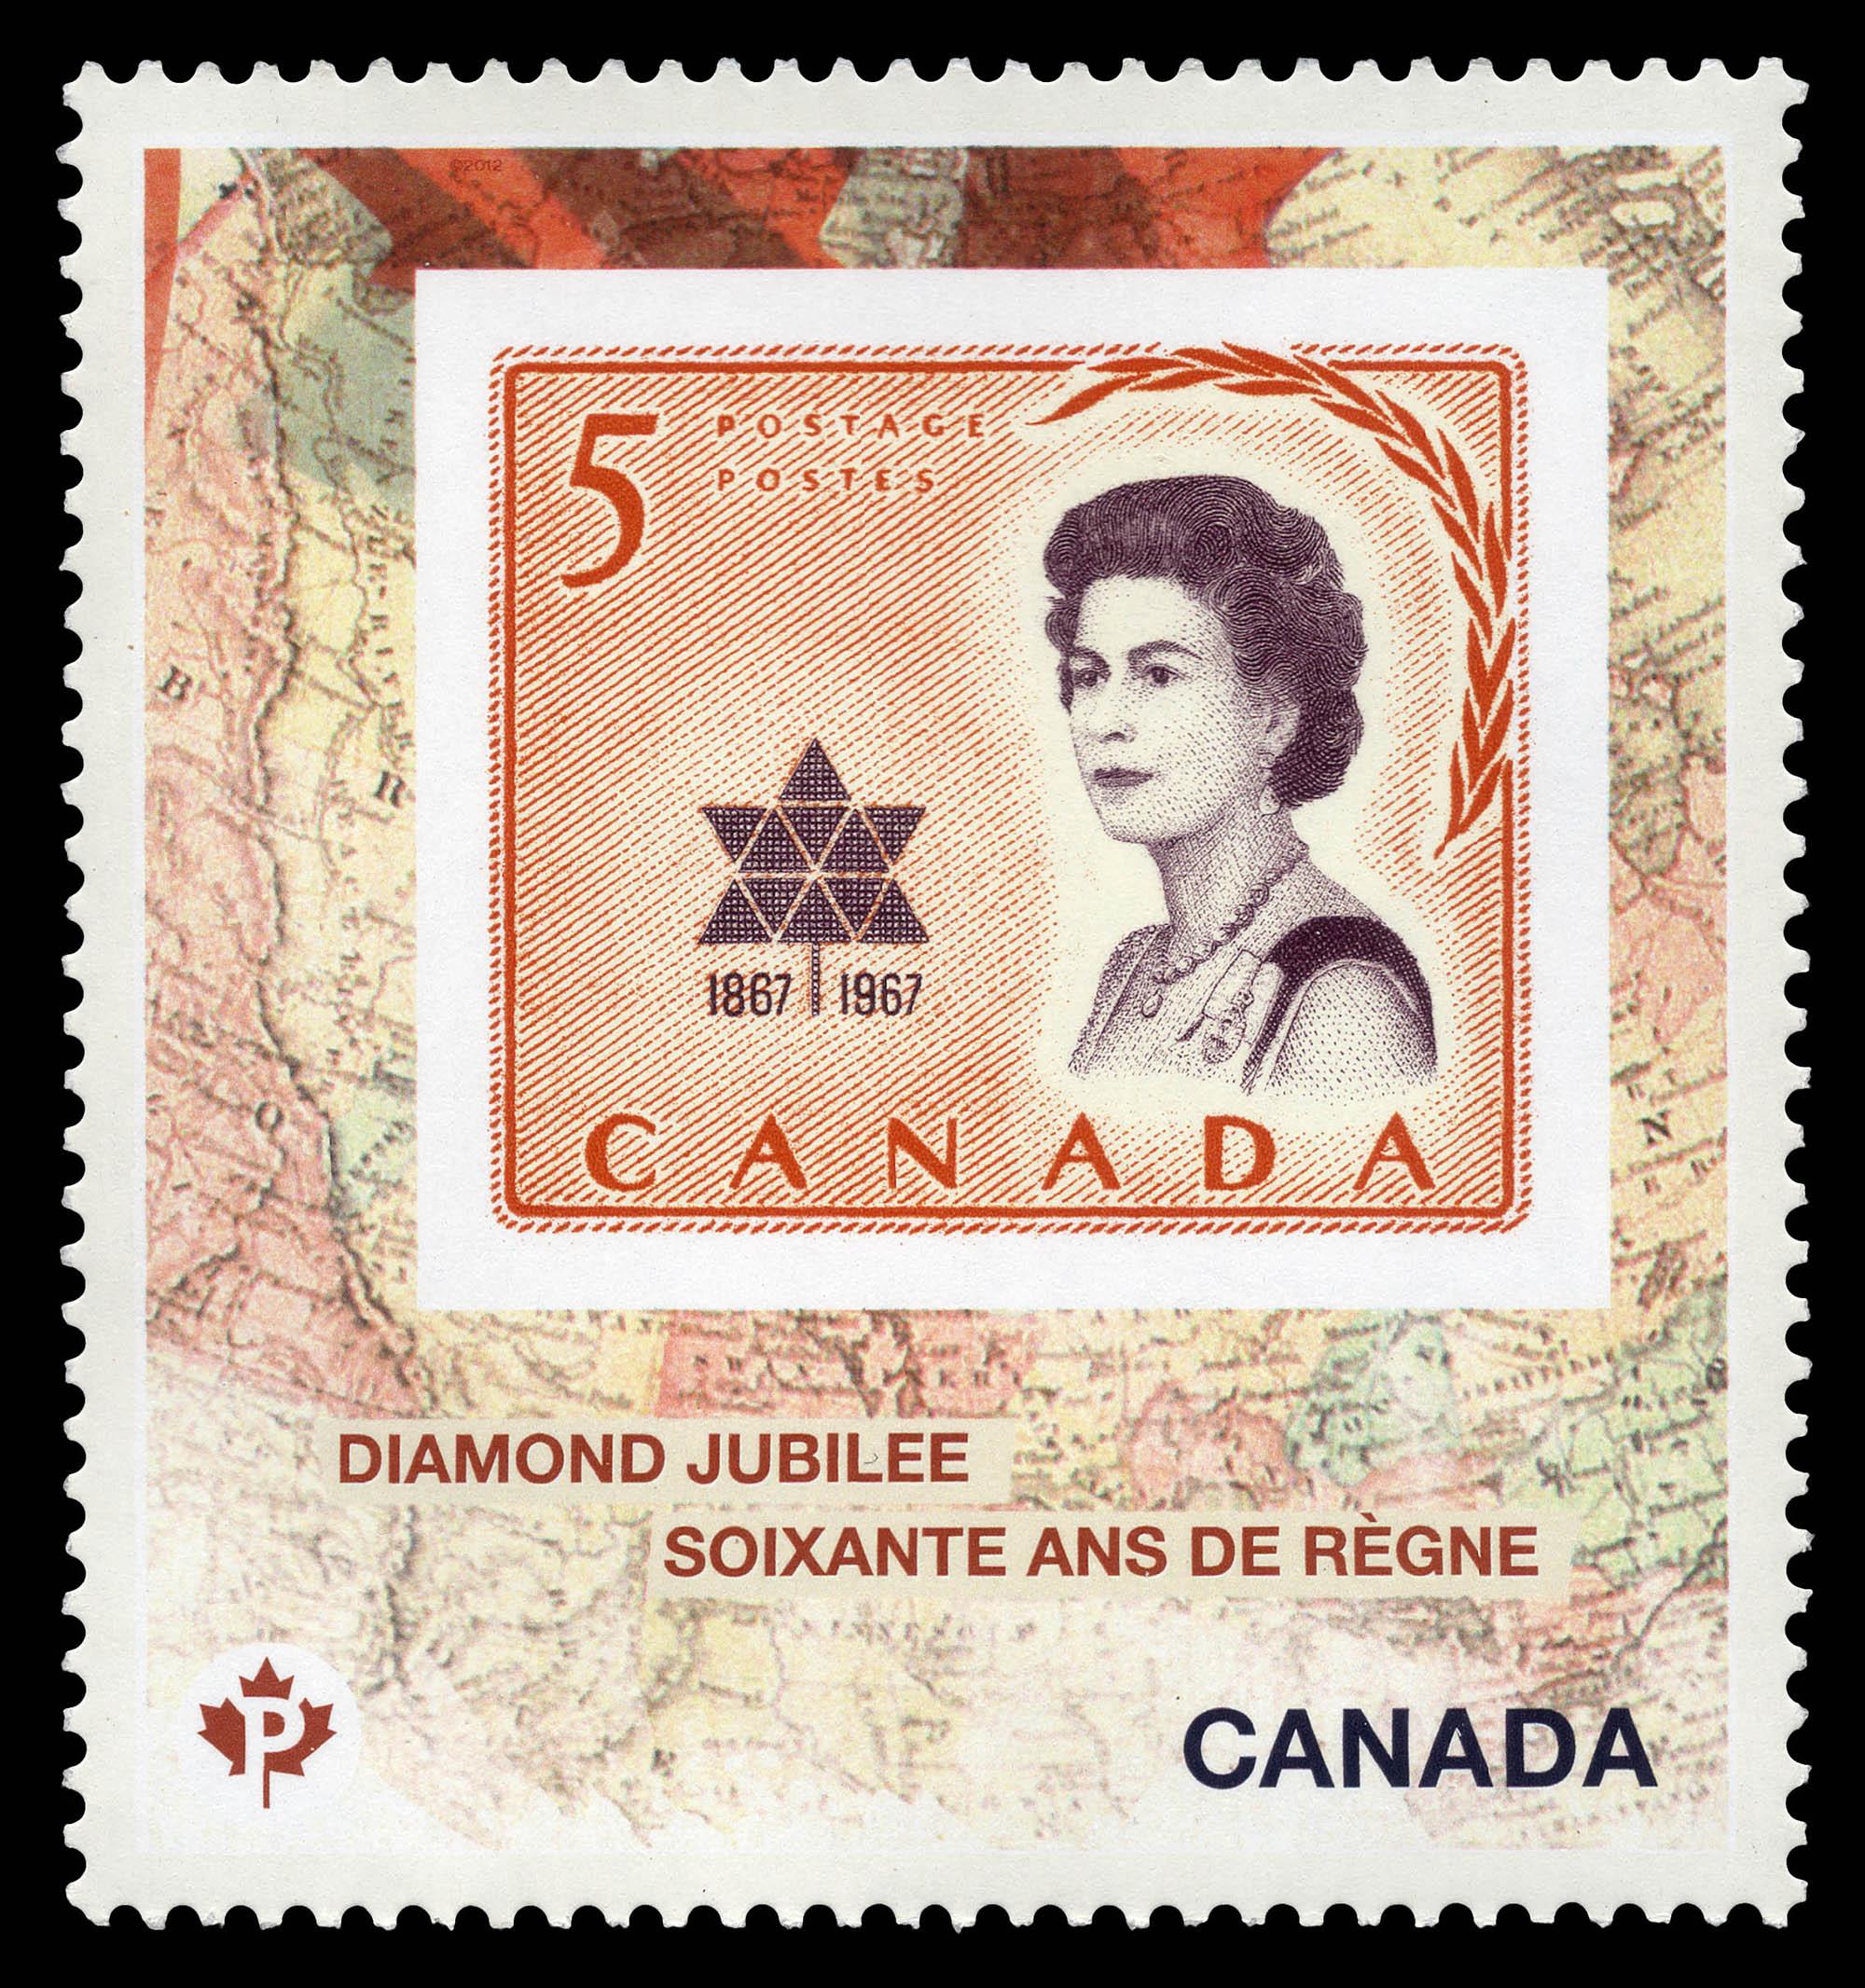 Queen Elizabeth II Diamond Jubilee - 1967 Stamp Canada Postage Stamp | Queen Elizabeth II Diamond Jubilee